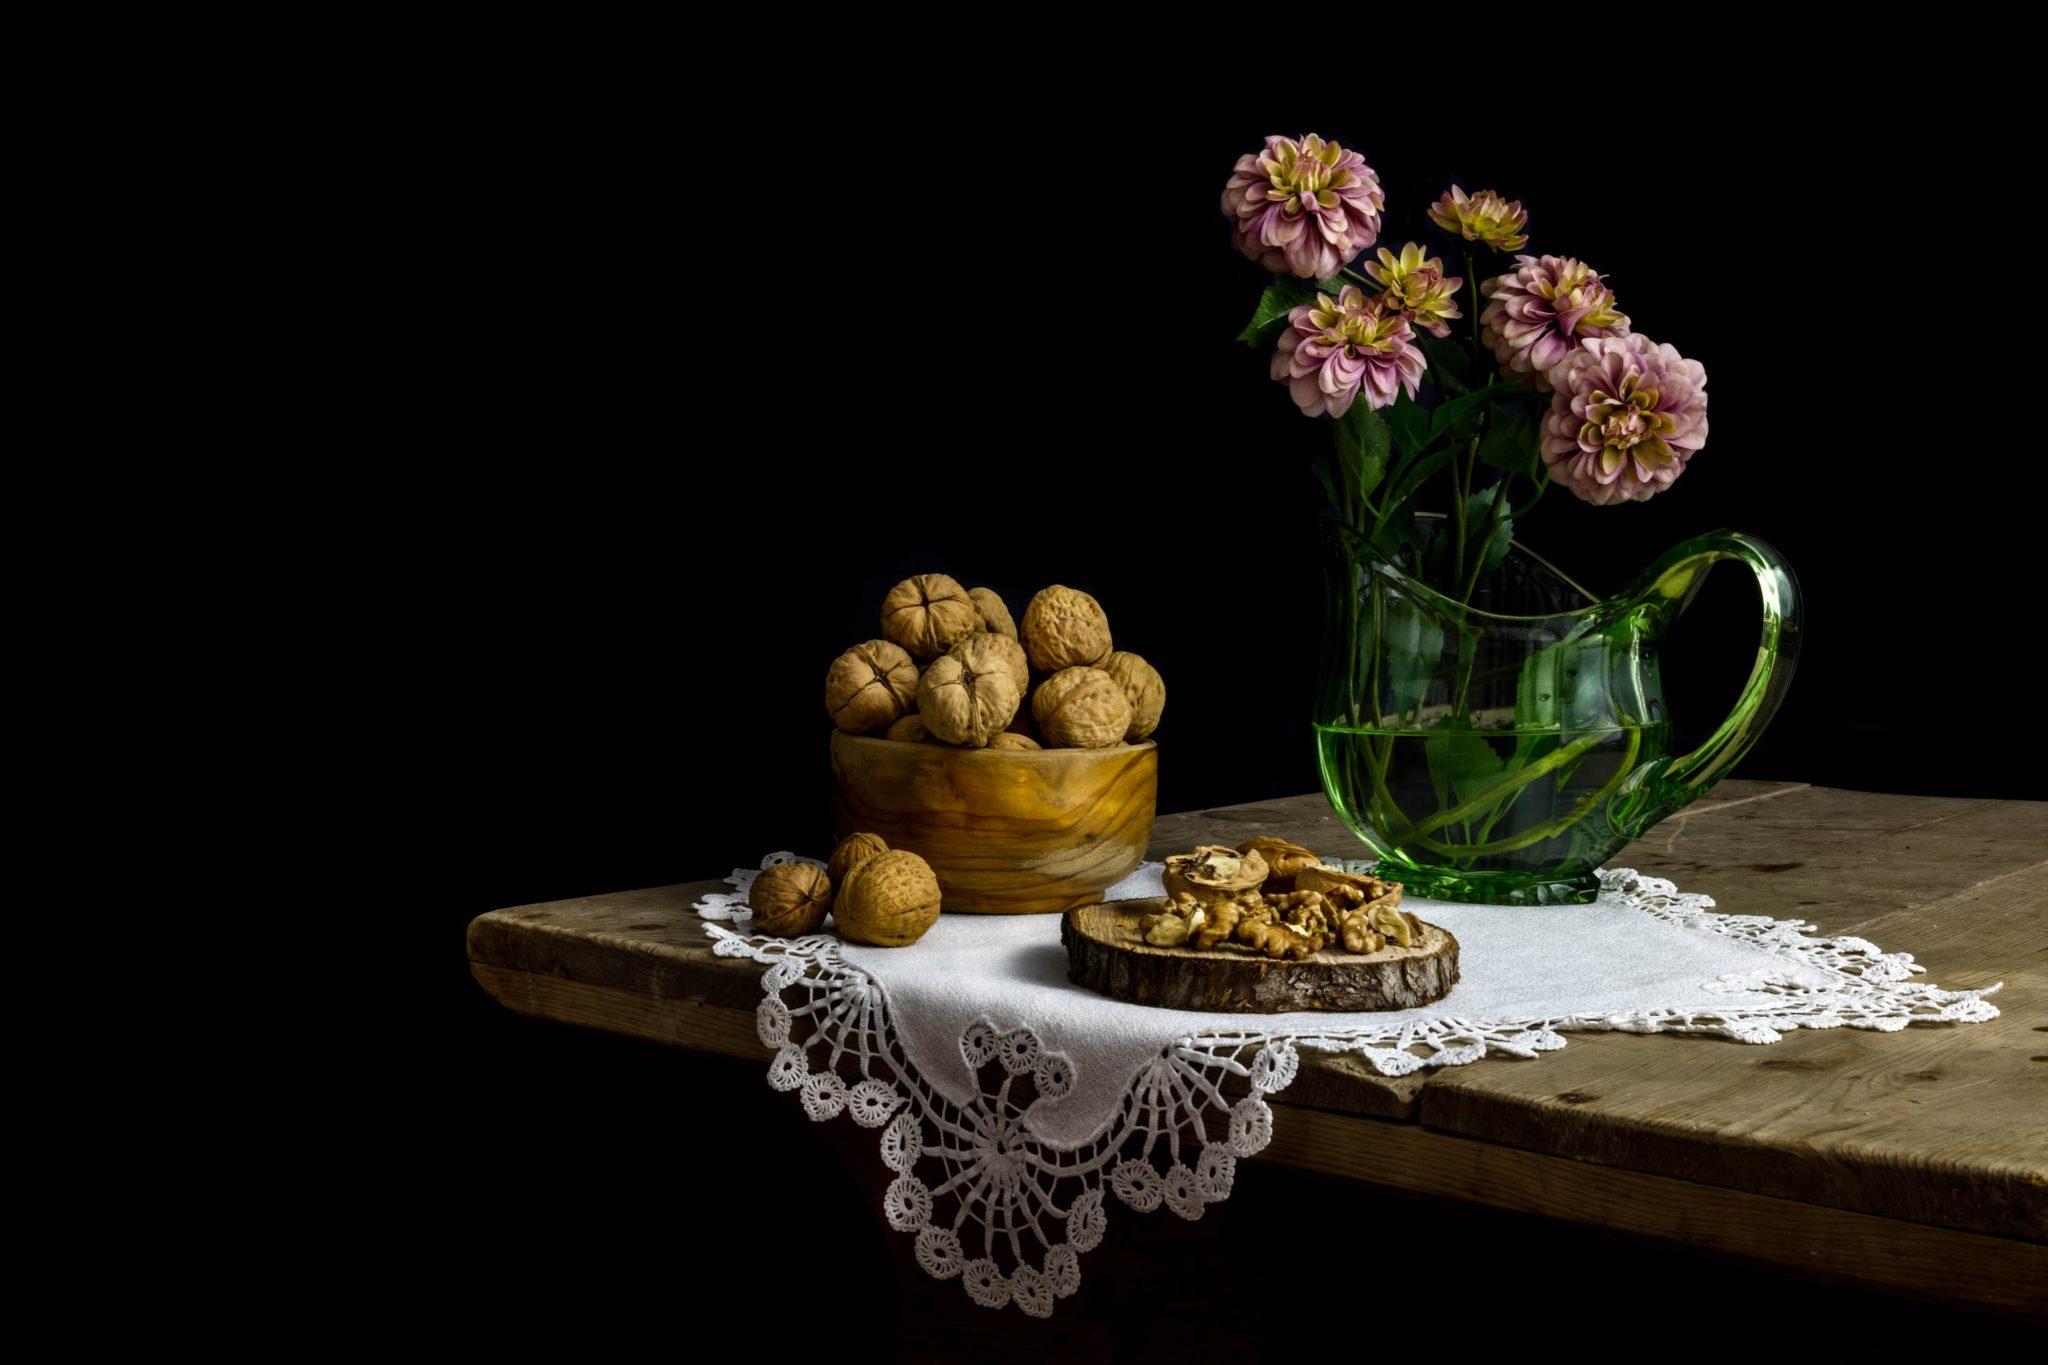 fotógrafo profesional de alimentos y bodegones